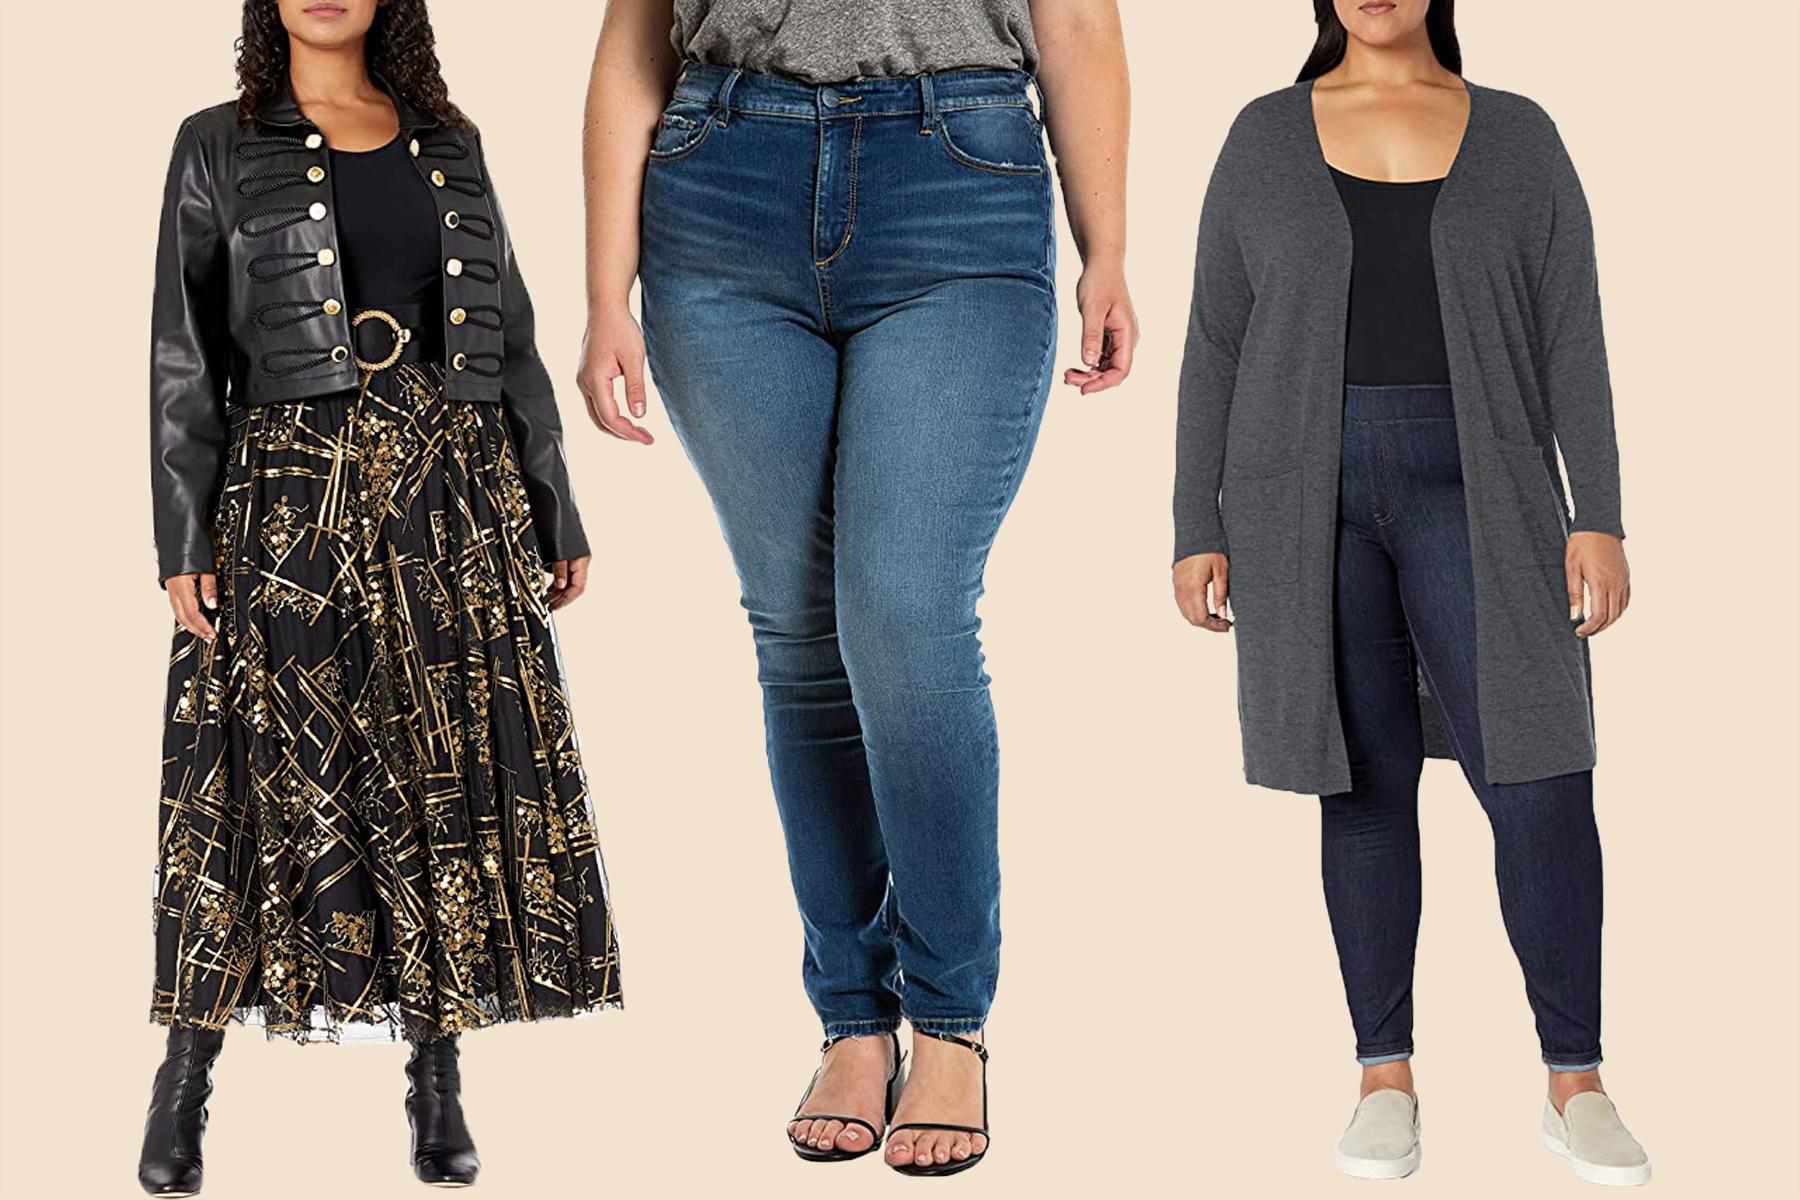 amazon plus size fashion